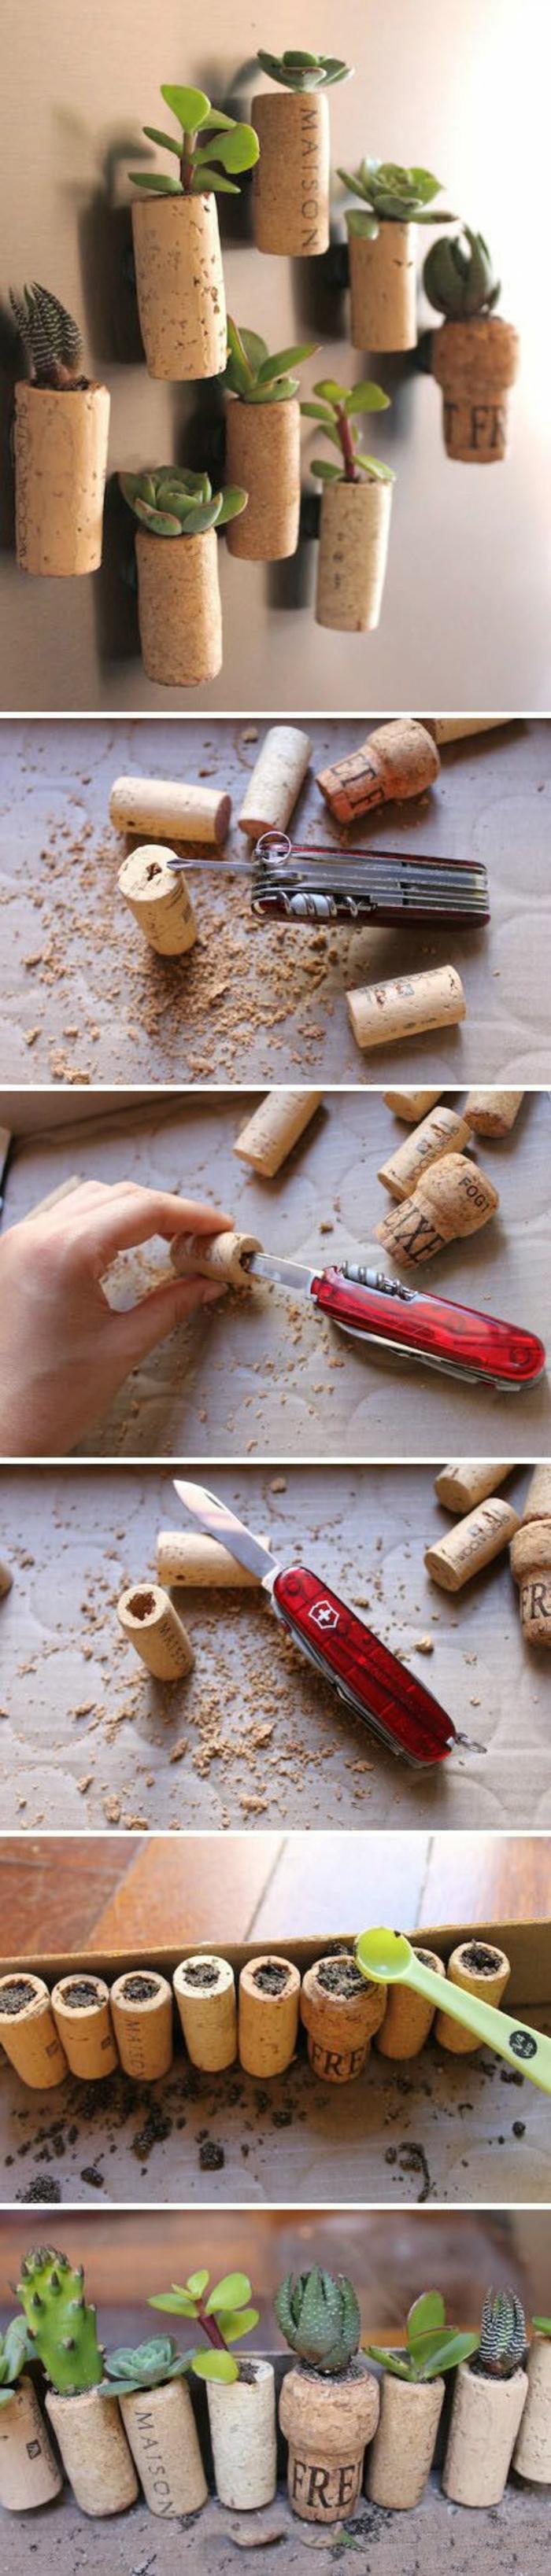 que faire avec des bouchons de liège, activité manuelle printemps, faire des minis pots fleurs avec bouchons de liège